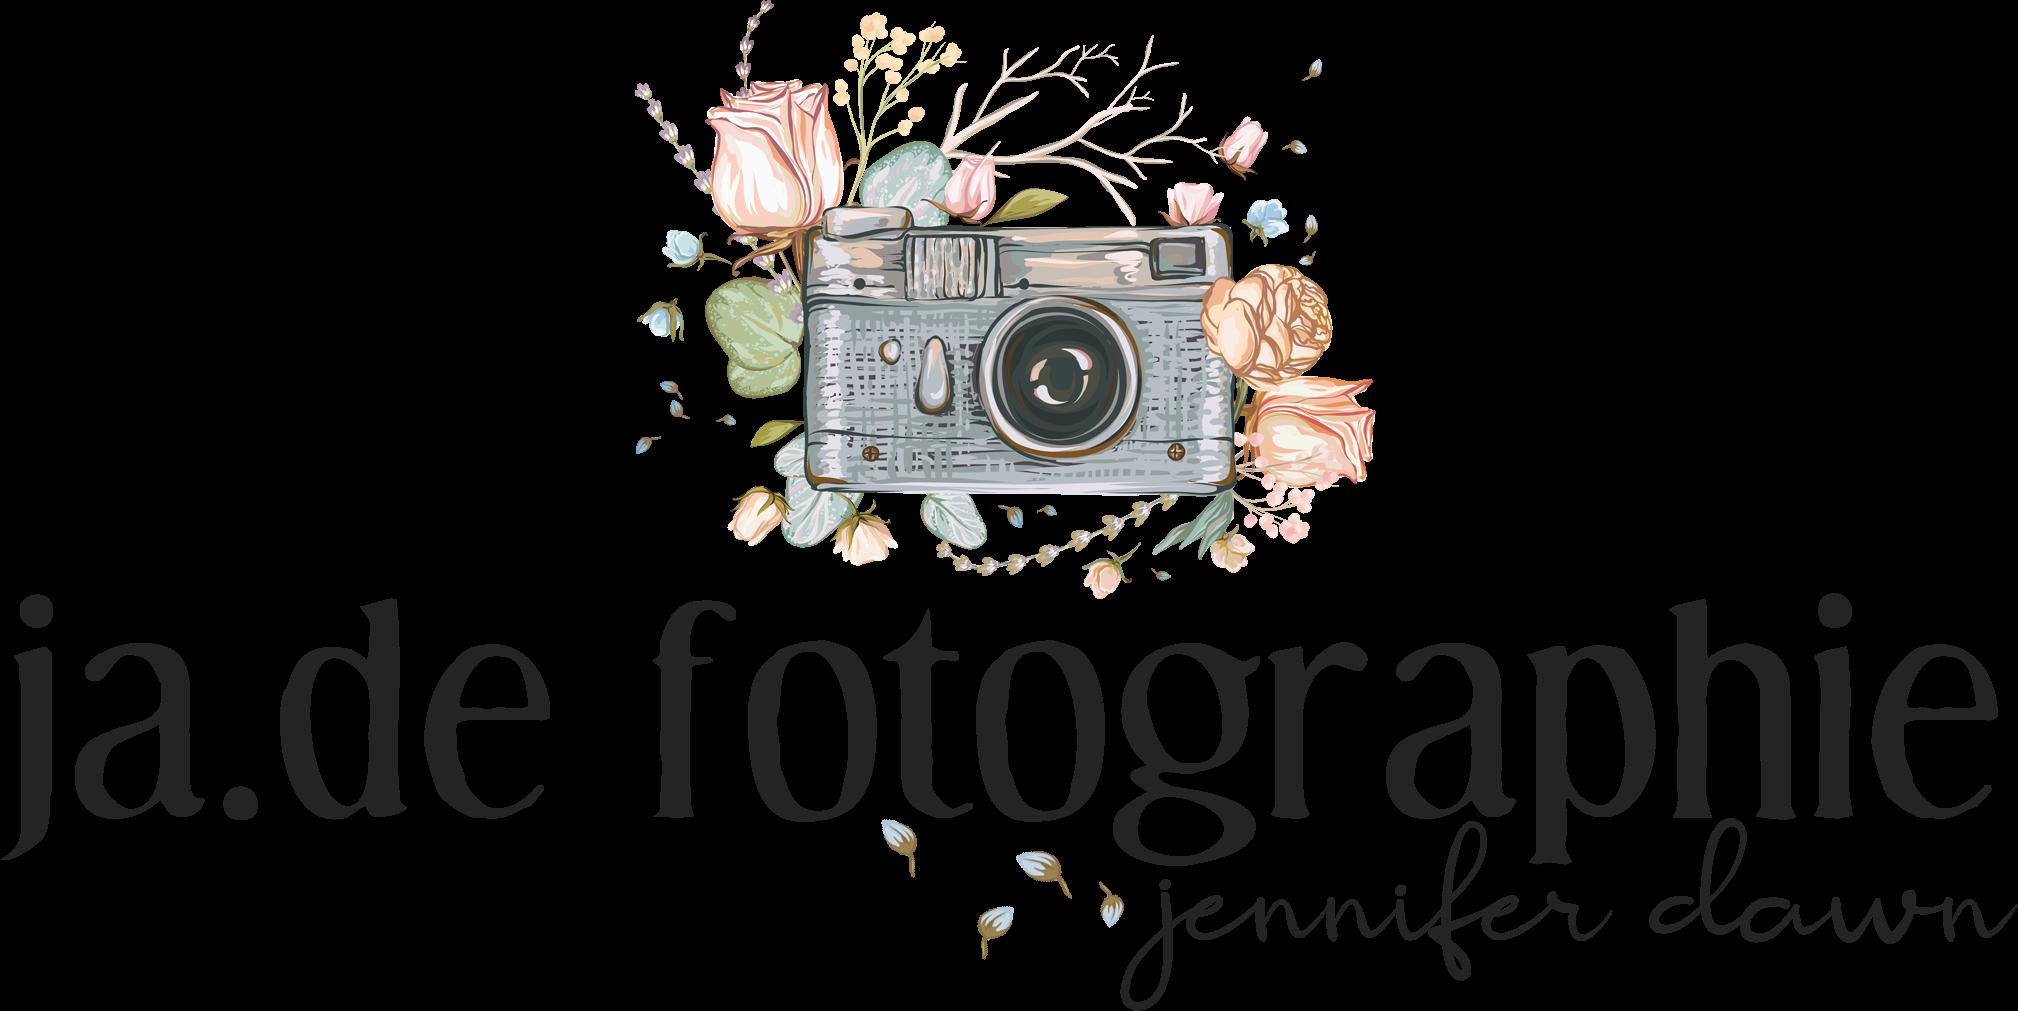 ja.de fotographie